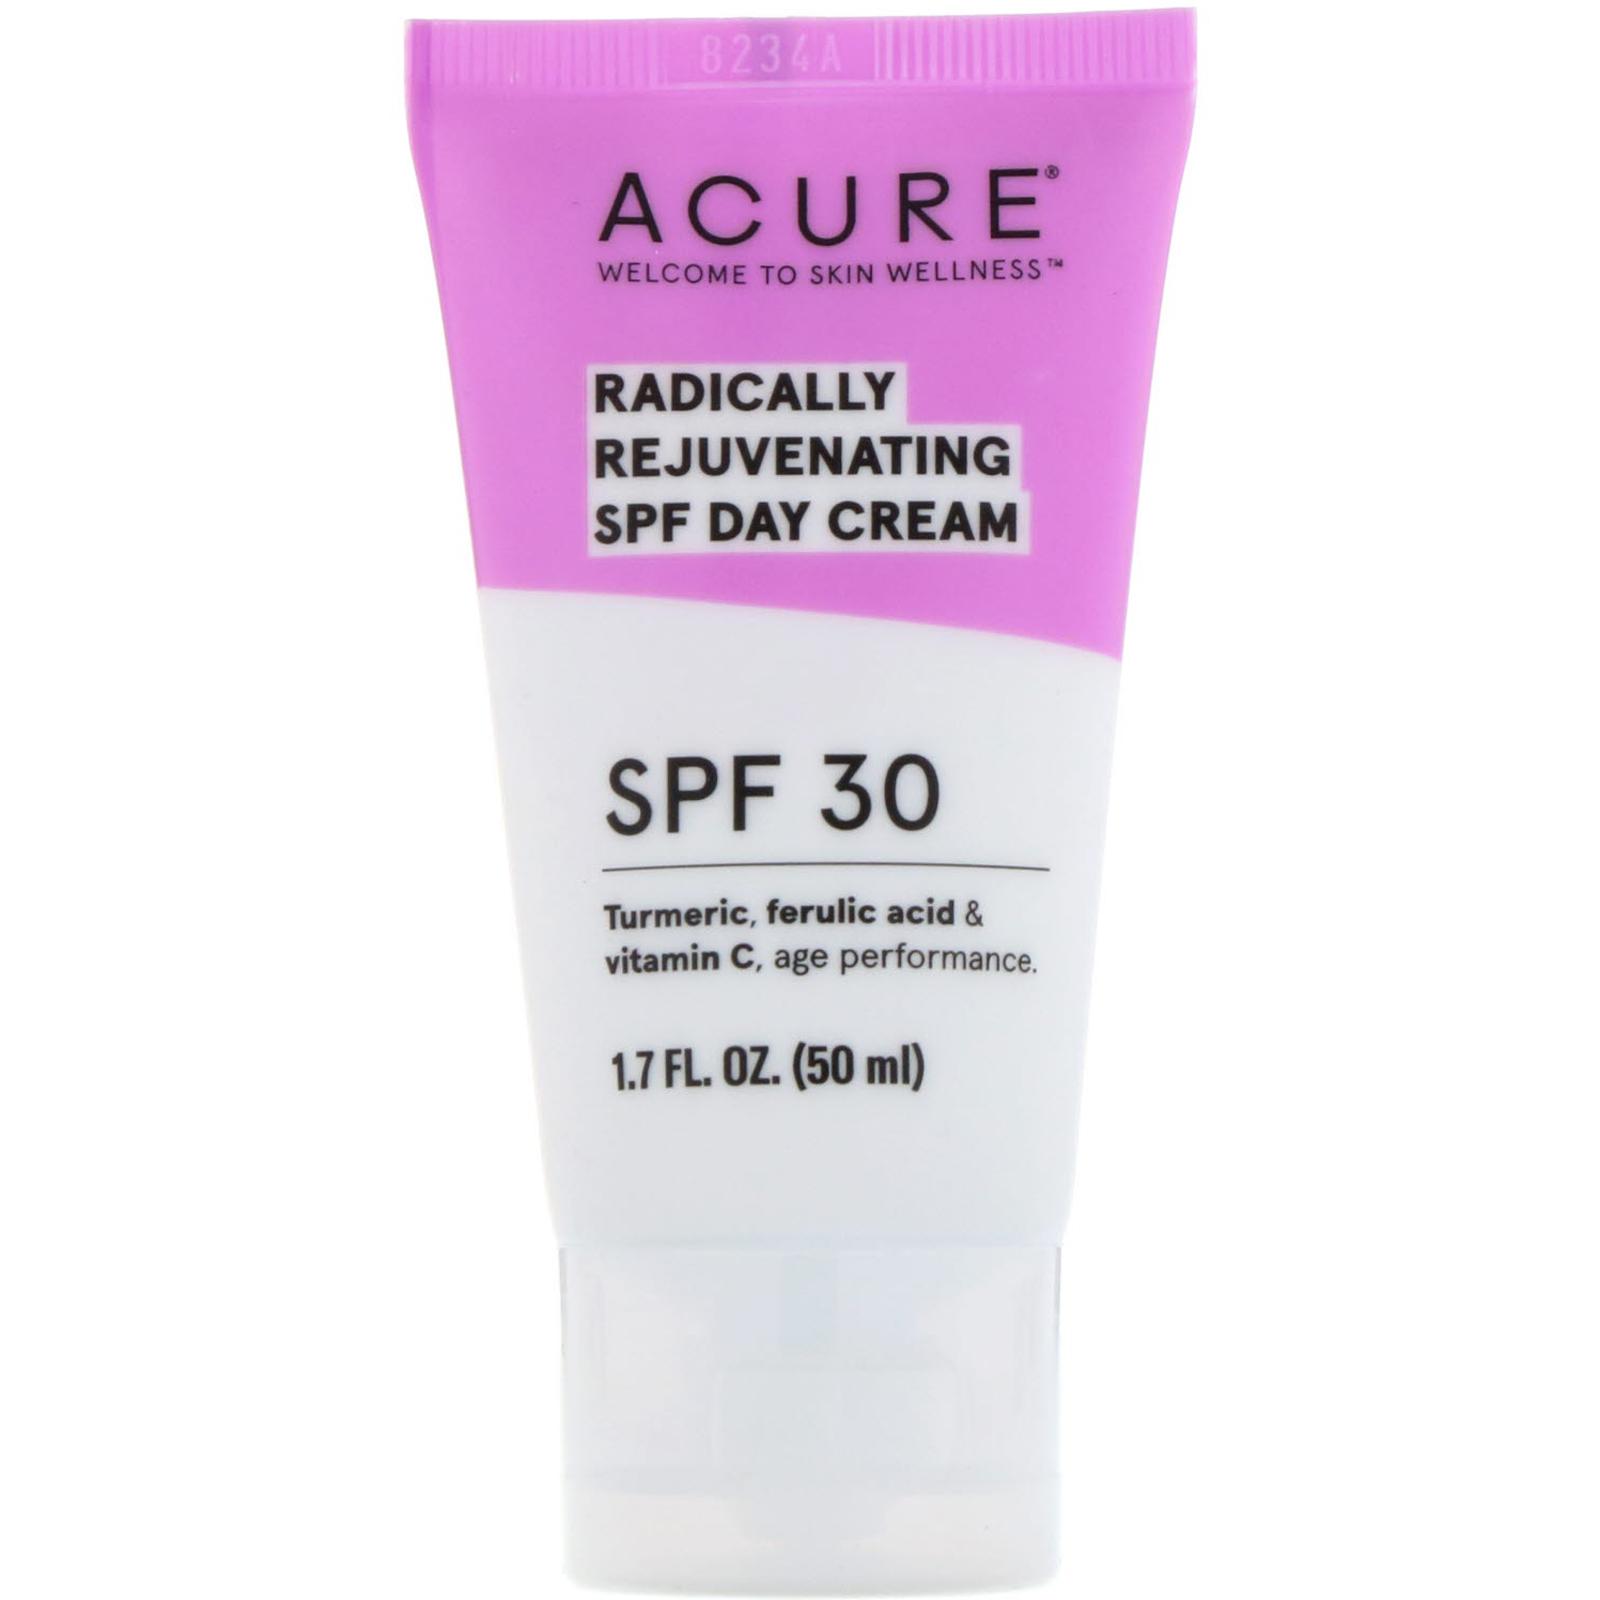 Acure Radically Rejuvenating Day Cream SPF 30 1 7 Fl Oz 50